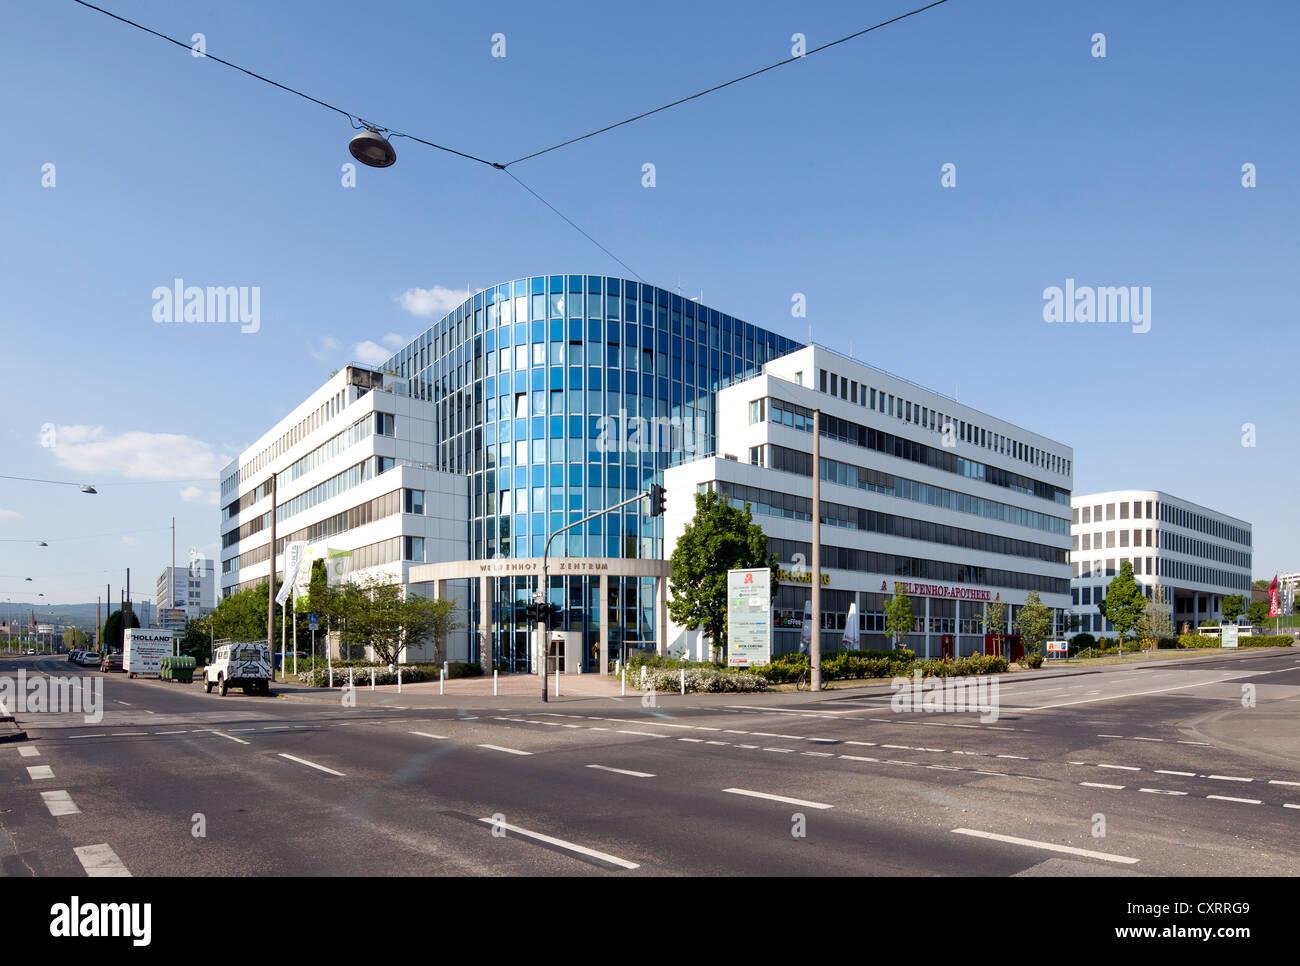 Welfenhof-Zentrum, Médico, Wiesbaden, Hesse, PublicGround Imagen De Stock